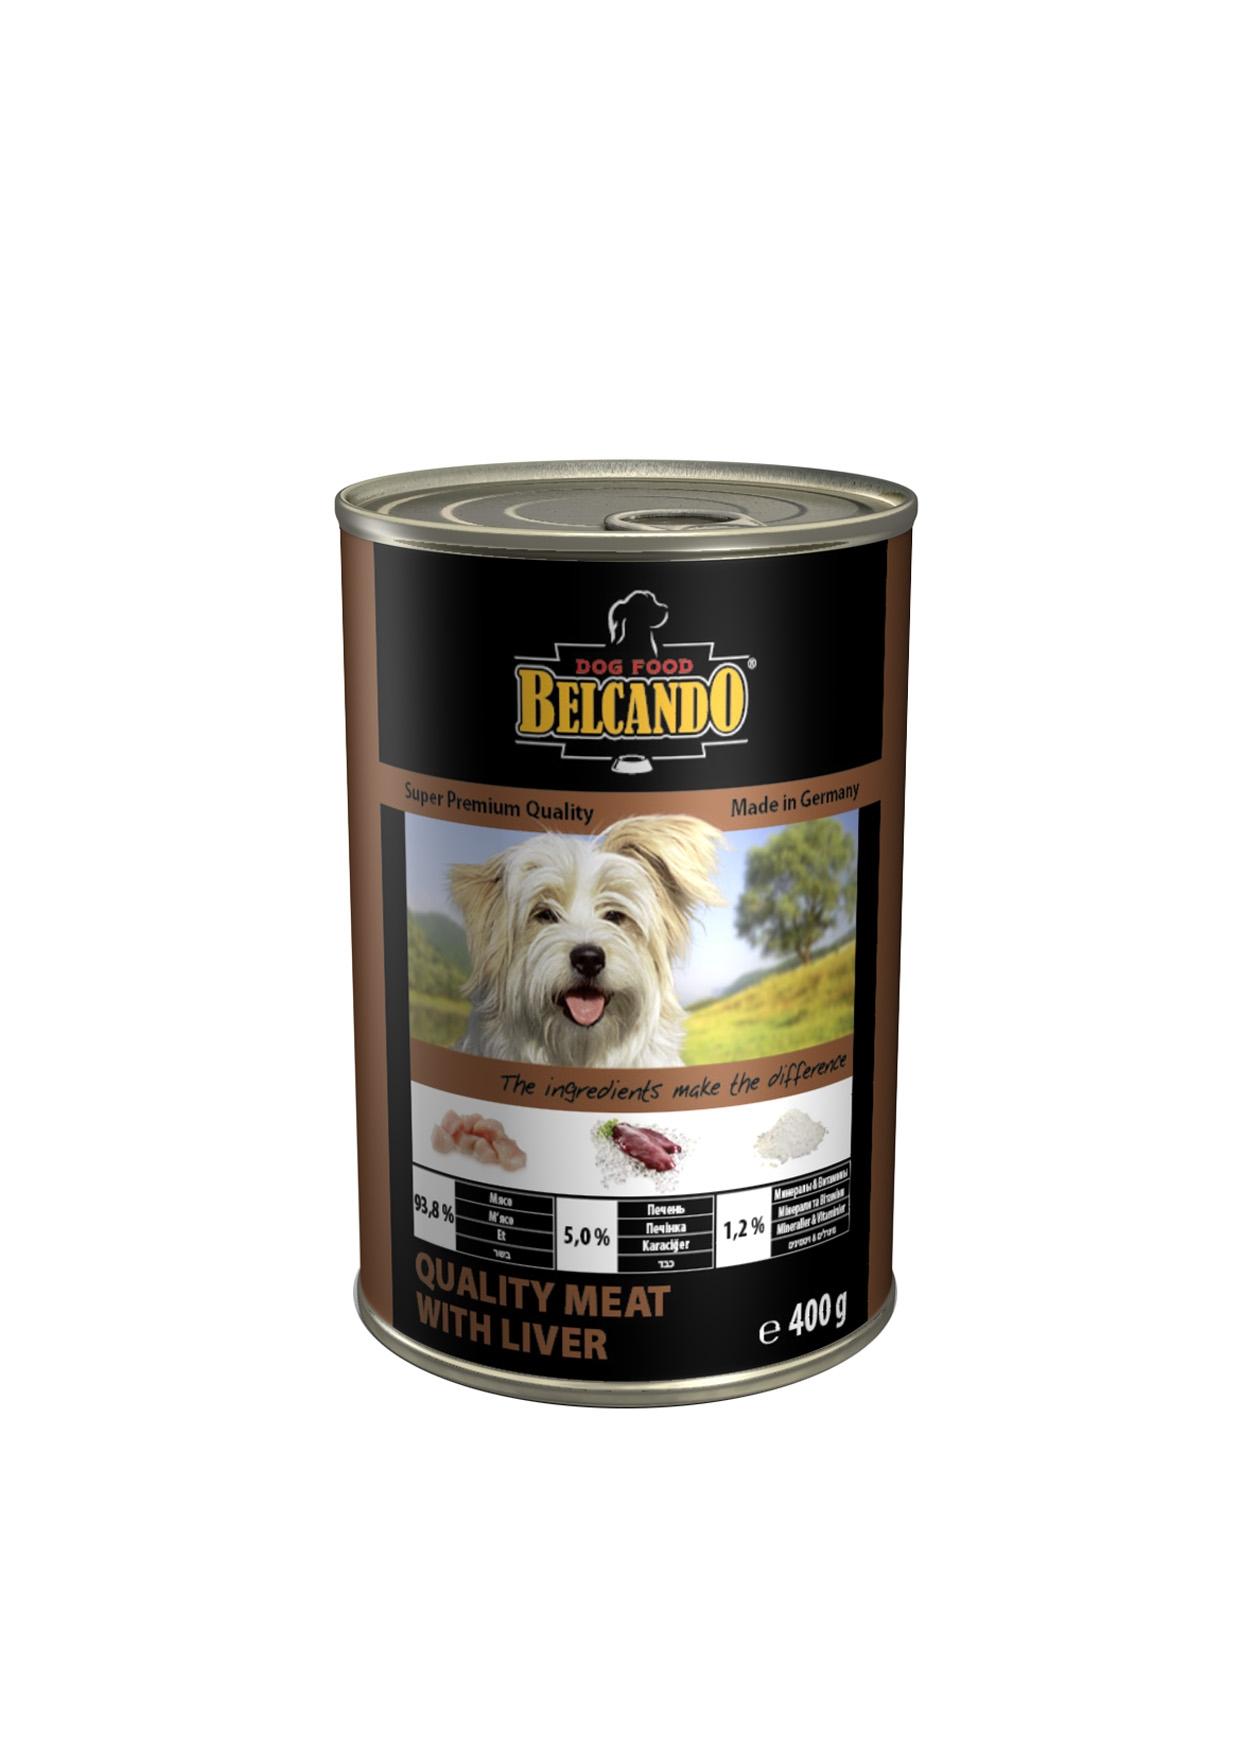 Консервы для собак Belcando, с мясом и печенью, 400 г13151Консервы Belcando - это полнорационное влажное питание для собак. Подходят для собак всех возрастов. Комбинируется с любым типом корма, в том числе с натуральной пищей. Состав: мясо 93,8%, печень 5%, витамины и минералы 1,2%. Анализ состава: протеин 14 %, жир 5,5 %, клетчатка 0,2 %, зола 2 %, влажность 79 %, витамин А 2,500 МЕ/кг, витамин Е 40 мг/кг, витамин D3 250 МЕ/кг, кальций 0,4 %, фосфор 0,16 %. Вес: 400 г. Товар сертифицирован.